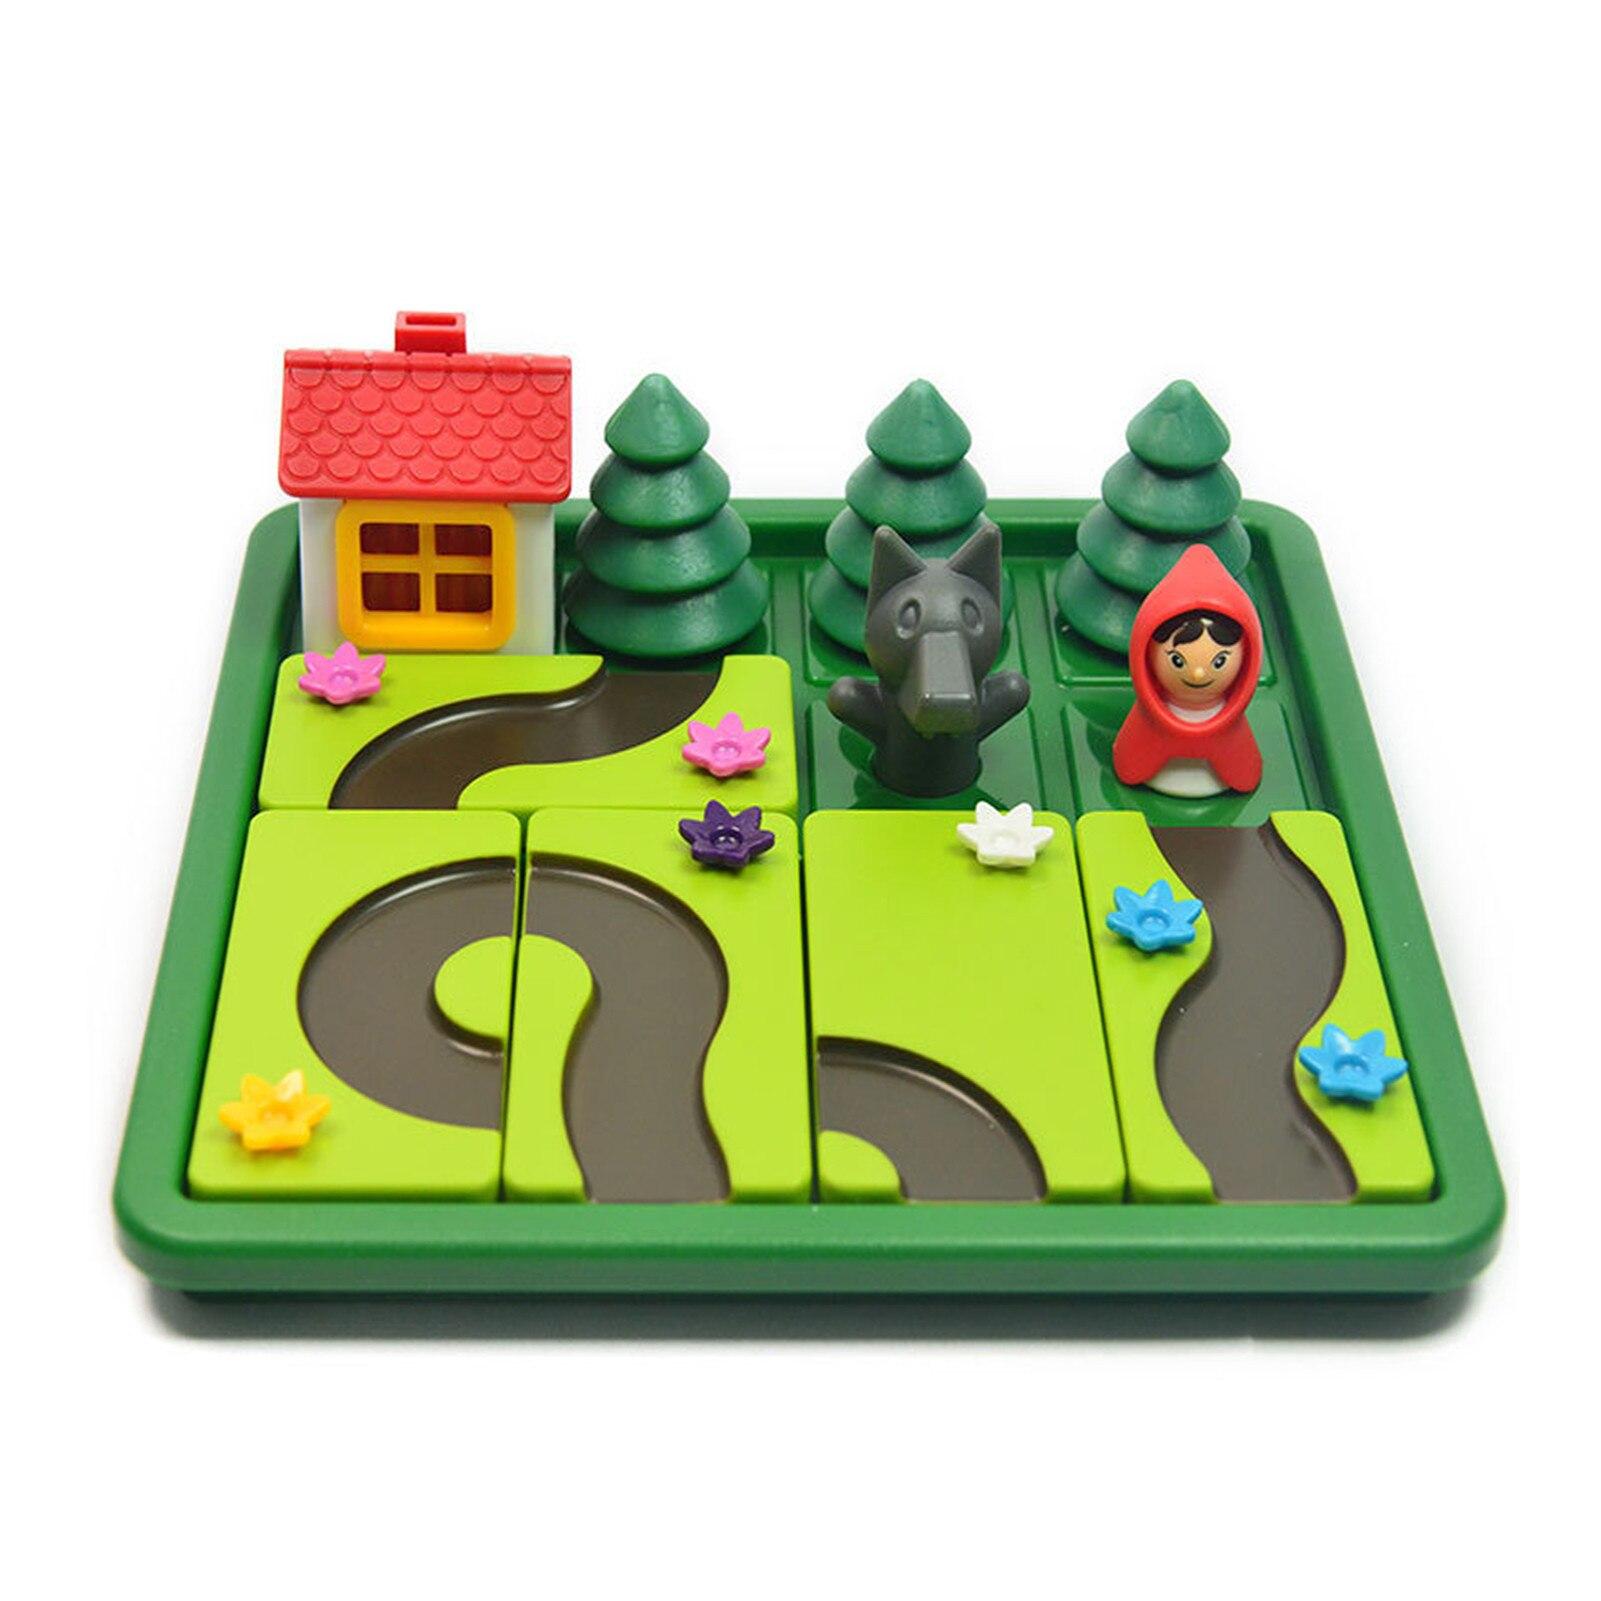 Crianças inteligente iq desafio jogos de tabuleiro pouco vermelho equitação capô quebra-cabeça brinquedos para crianças com solução inglês speelgoed brinquedo